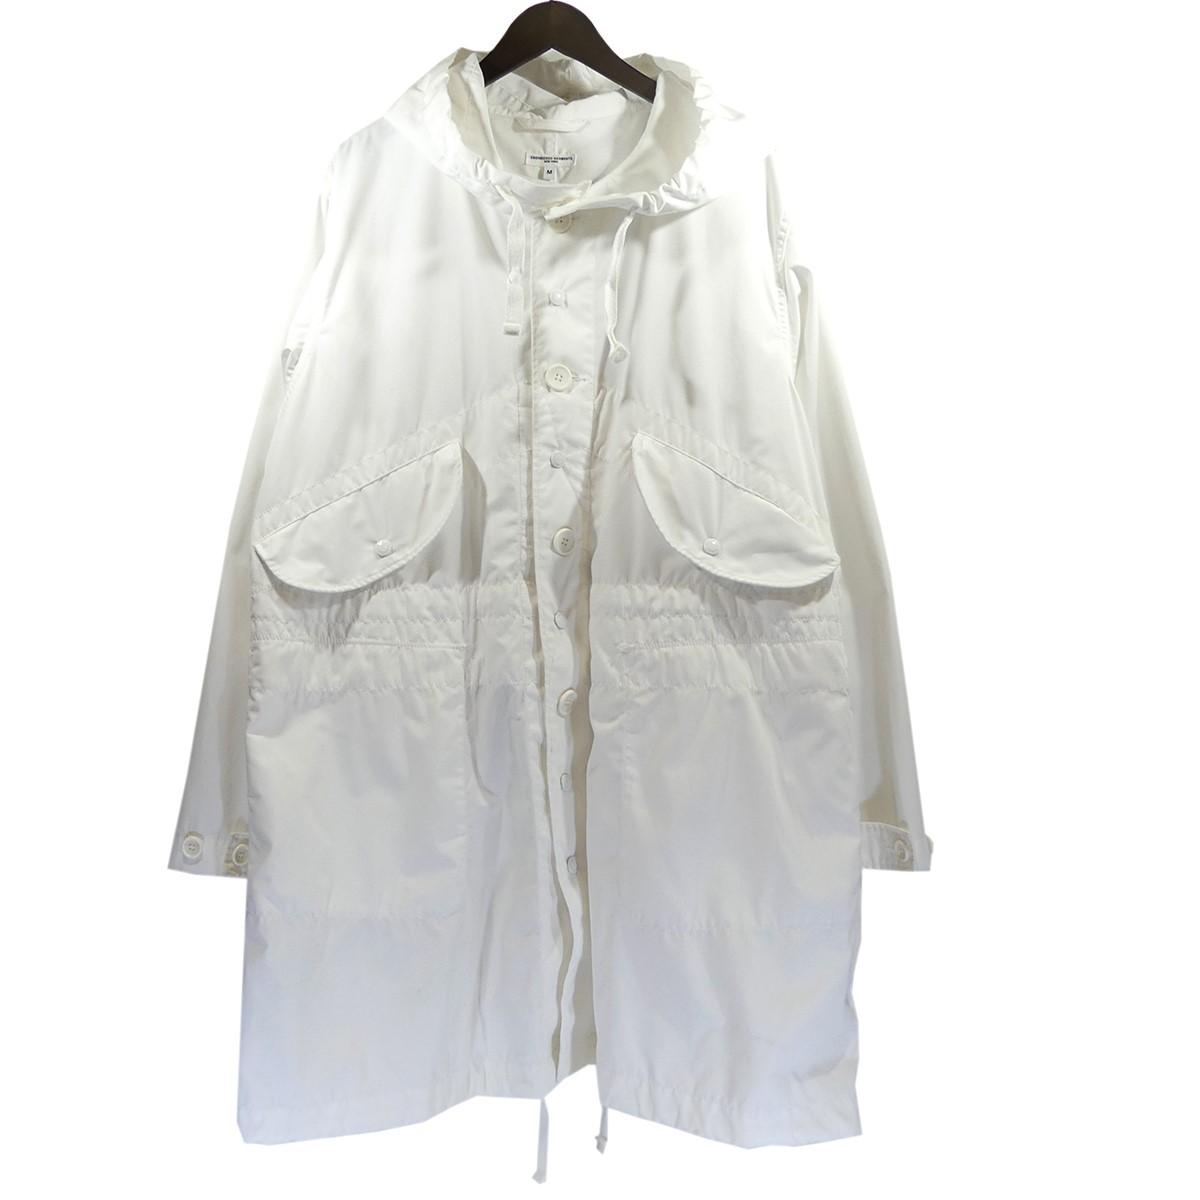 【中古】Engineered GarmentsHighland Parka ハイランドパーカー ホワイト サイズ:M 【5月11日見直し】